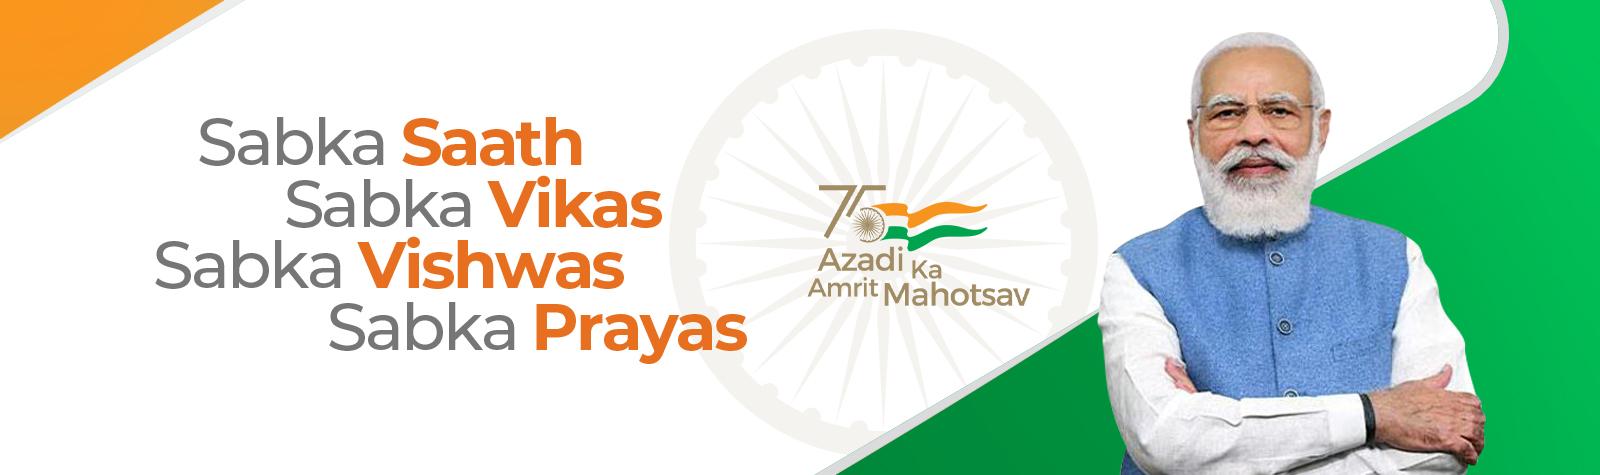 Azadi Ka Amrit Mahotsa